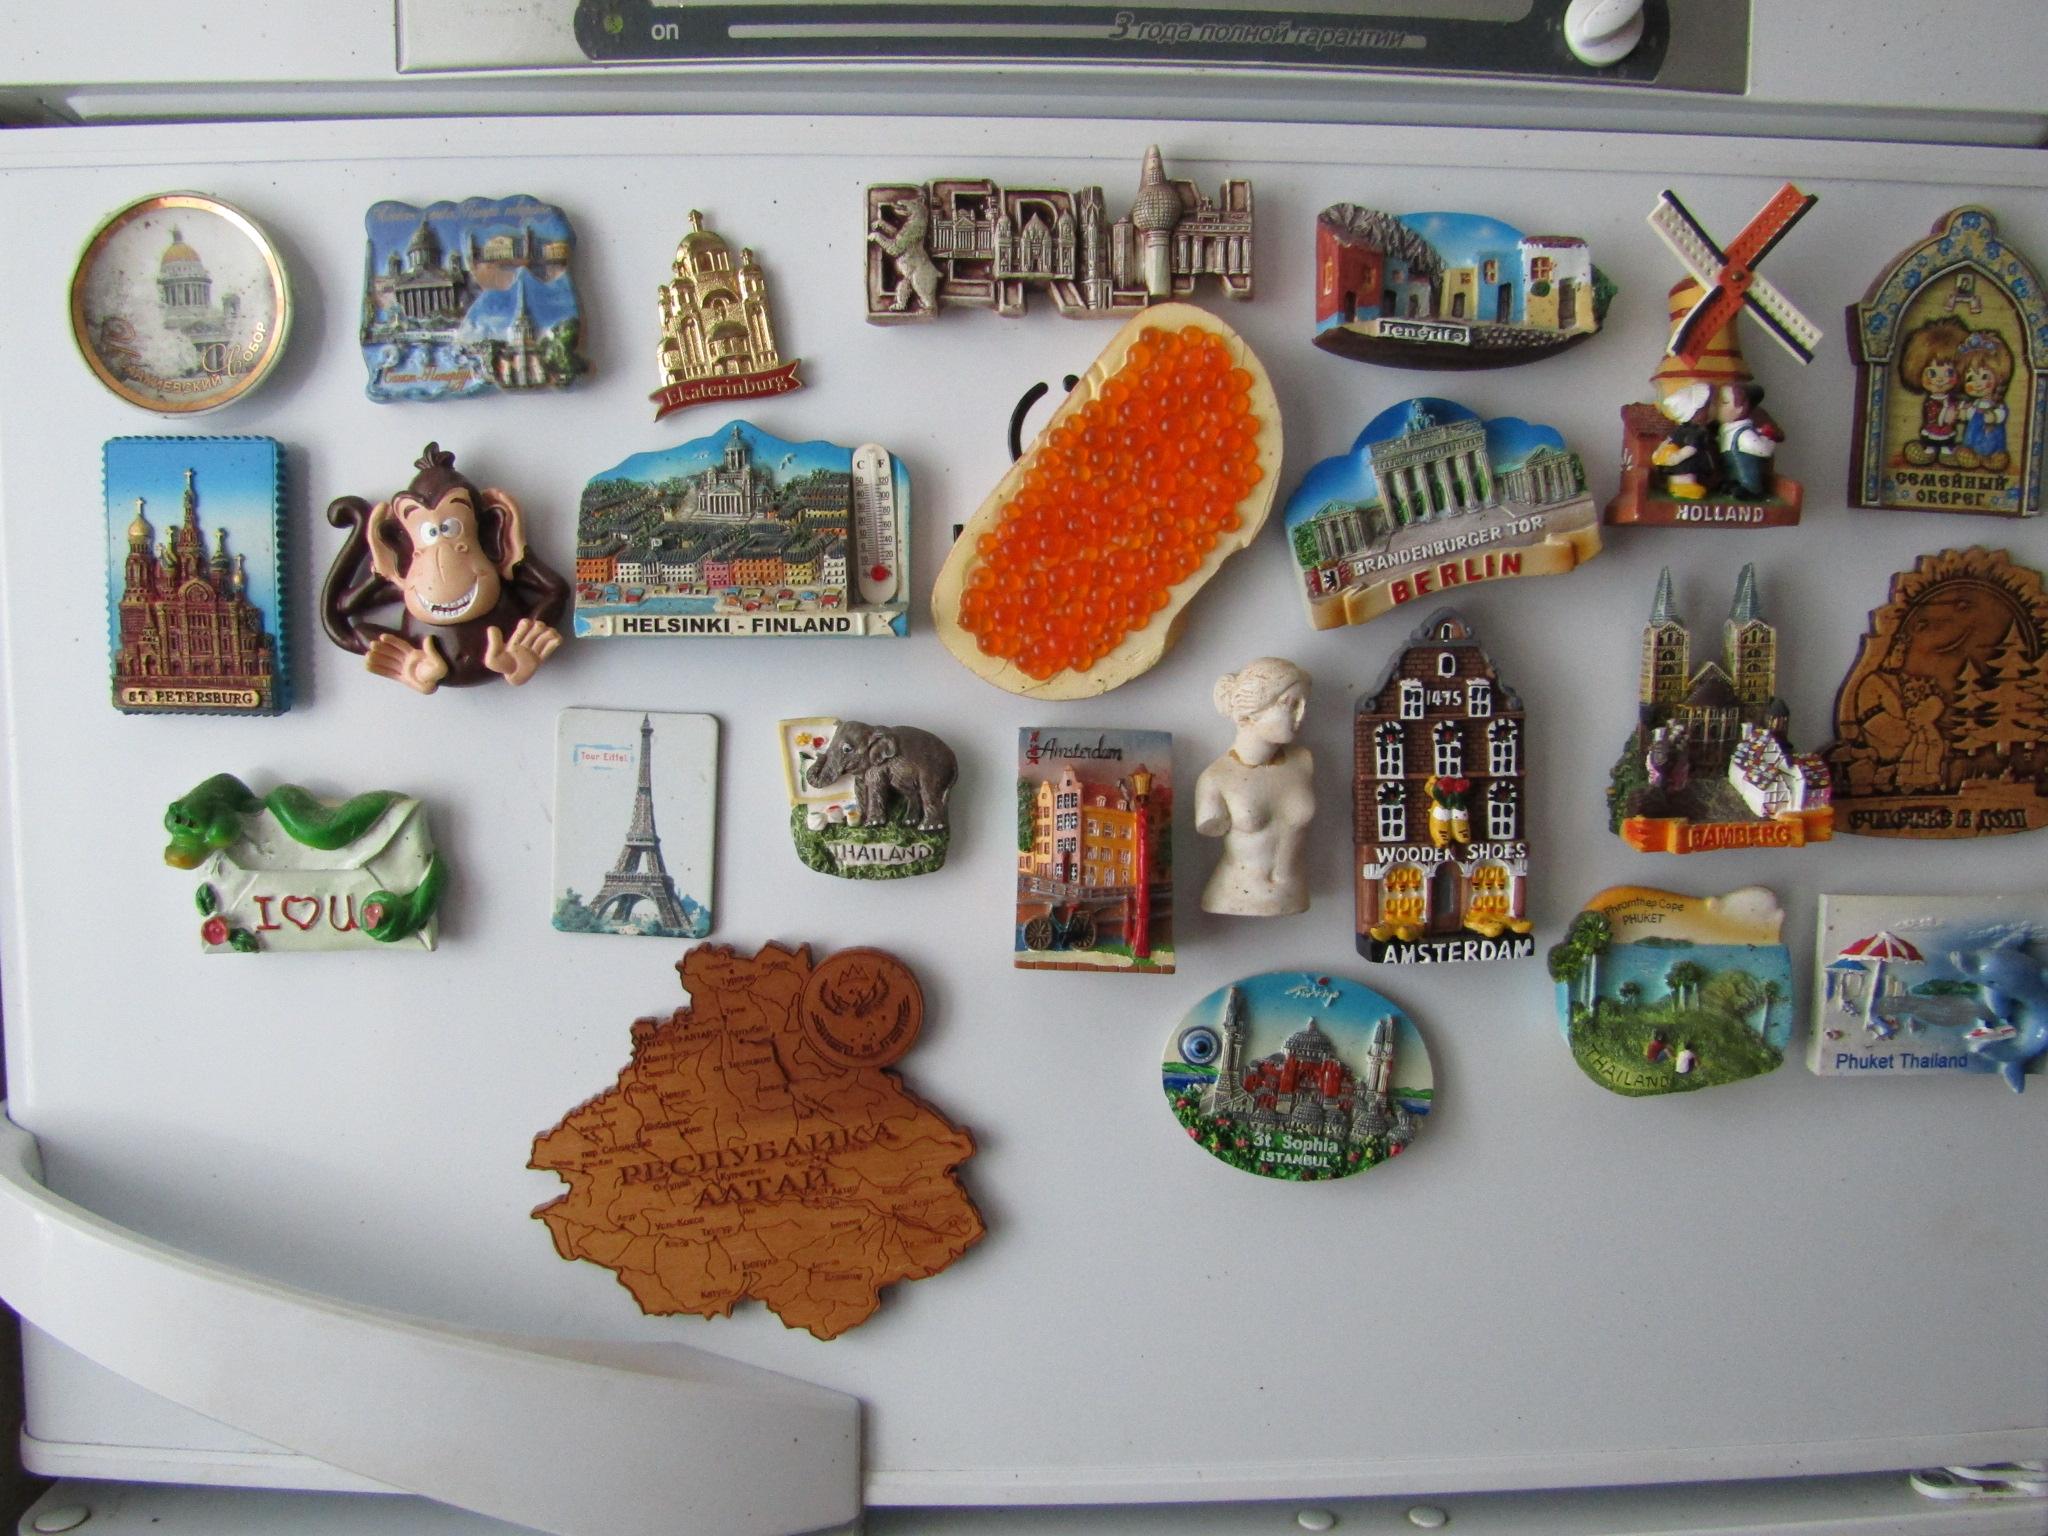 выставочная сувенирные магниты на холодильник с фото этом ключе татуировка